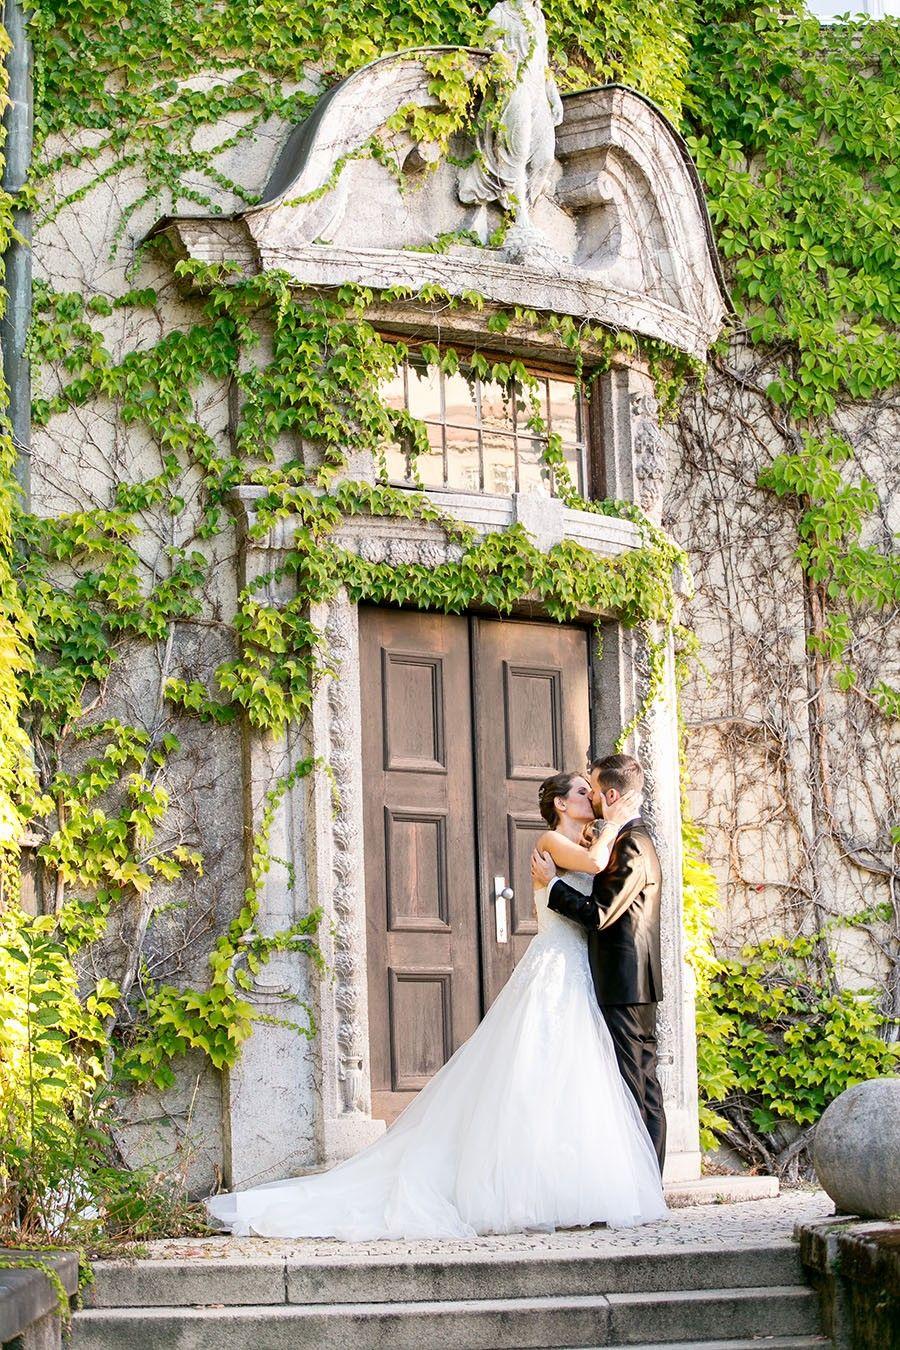 Eine Romantische Hochzeit Im Botanischen Garten Munchen Fotos Von Der Tischdeko Im Zarten Vintage Sti Botanischer Garten Munchen Romantische Hochzeit Hochzeit